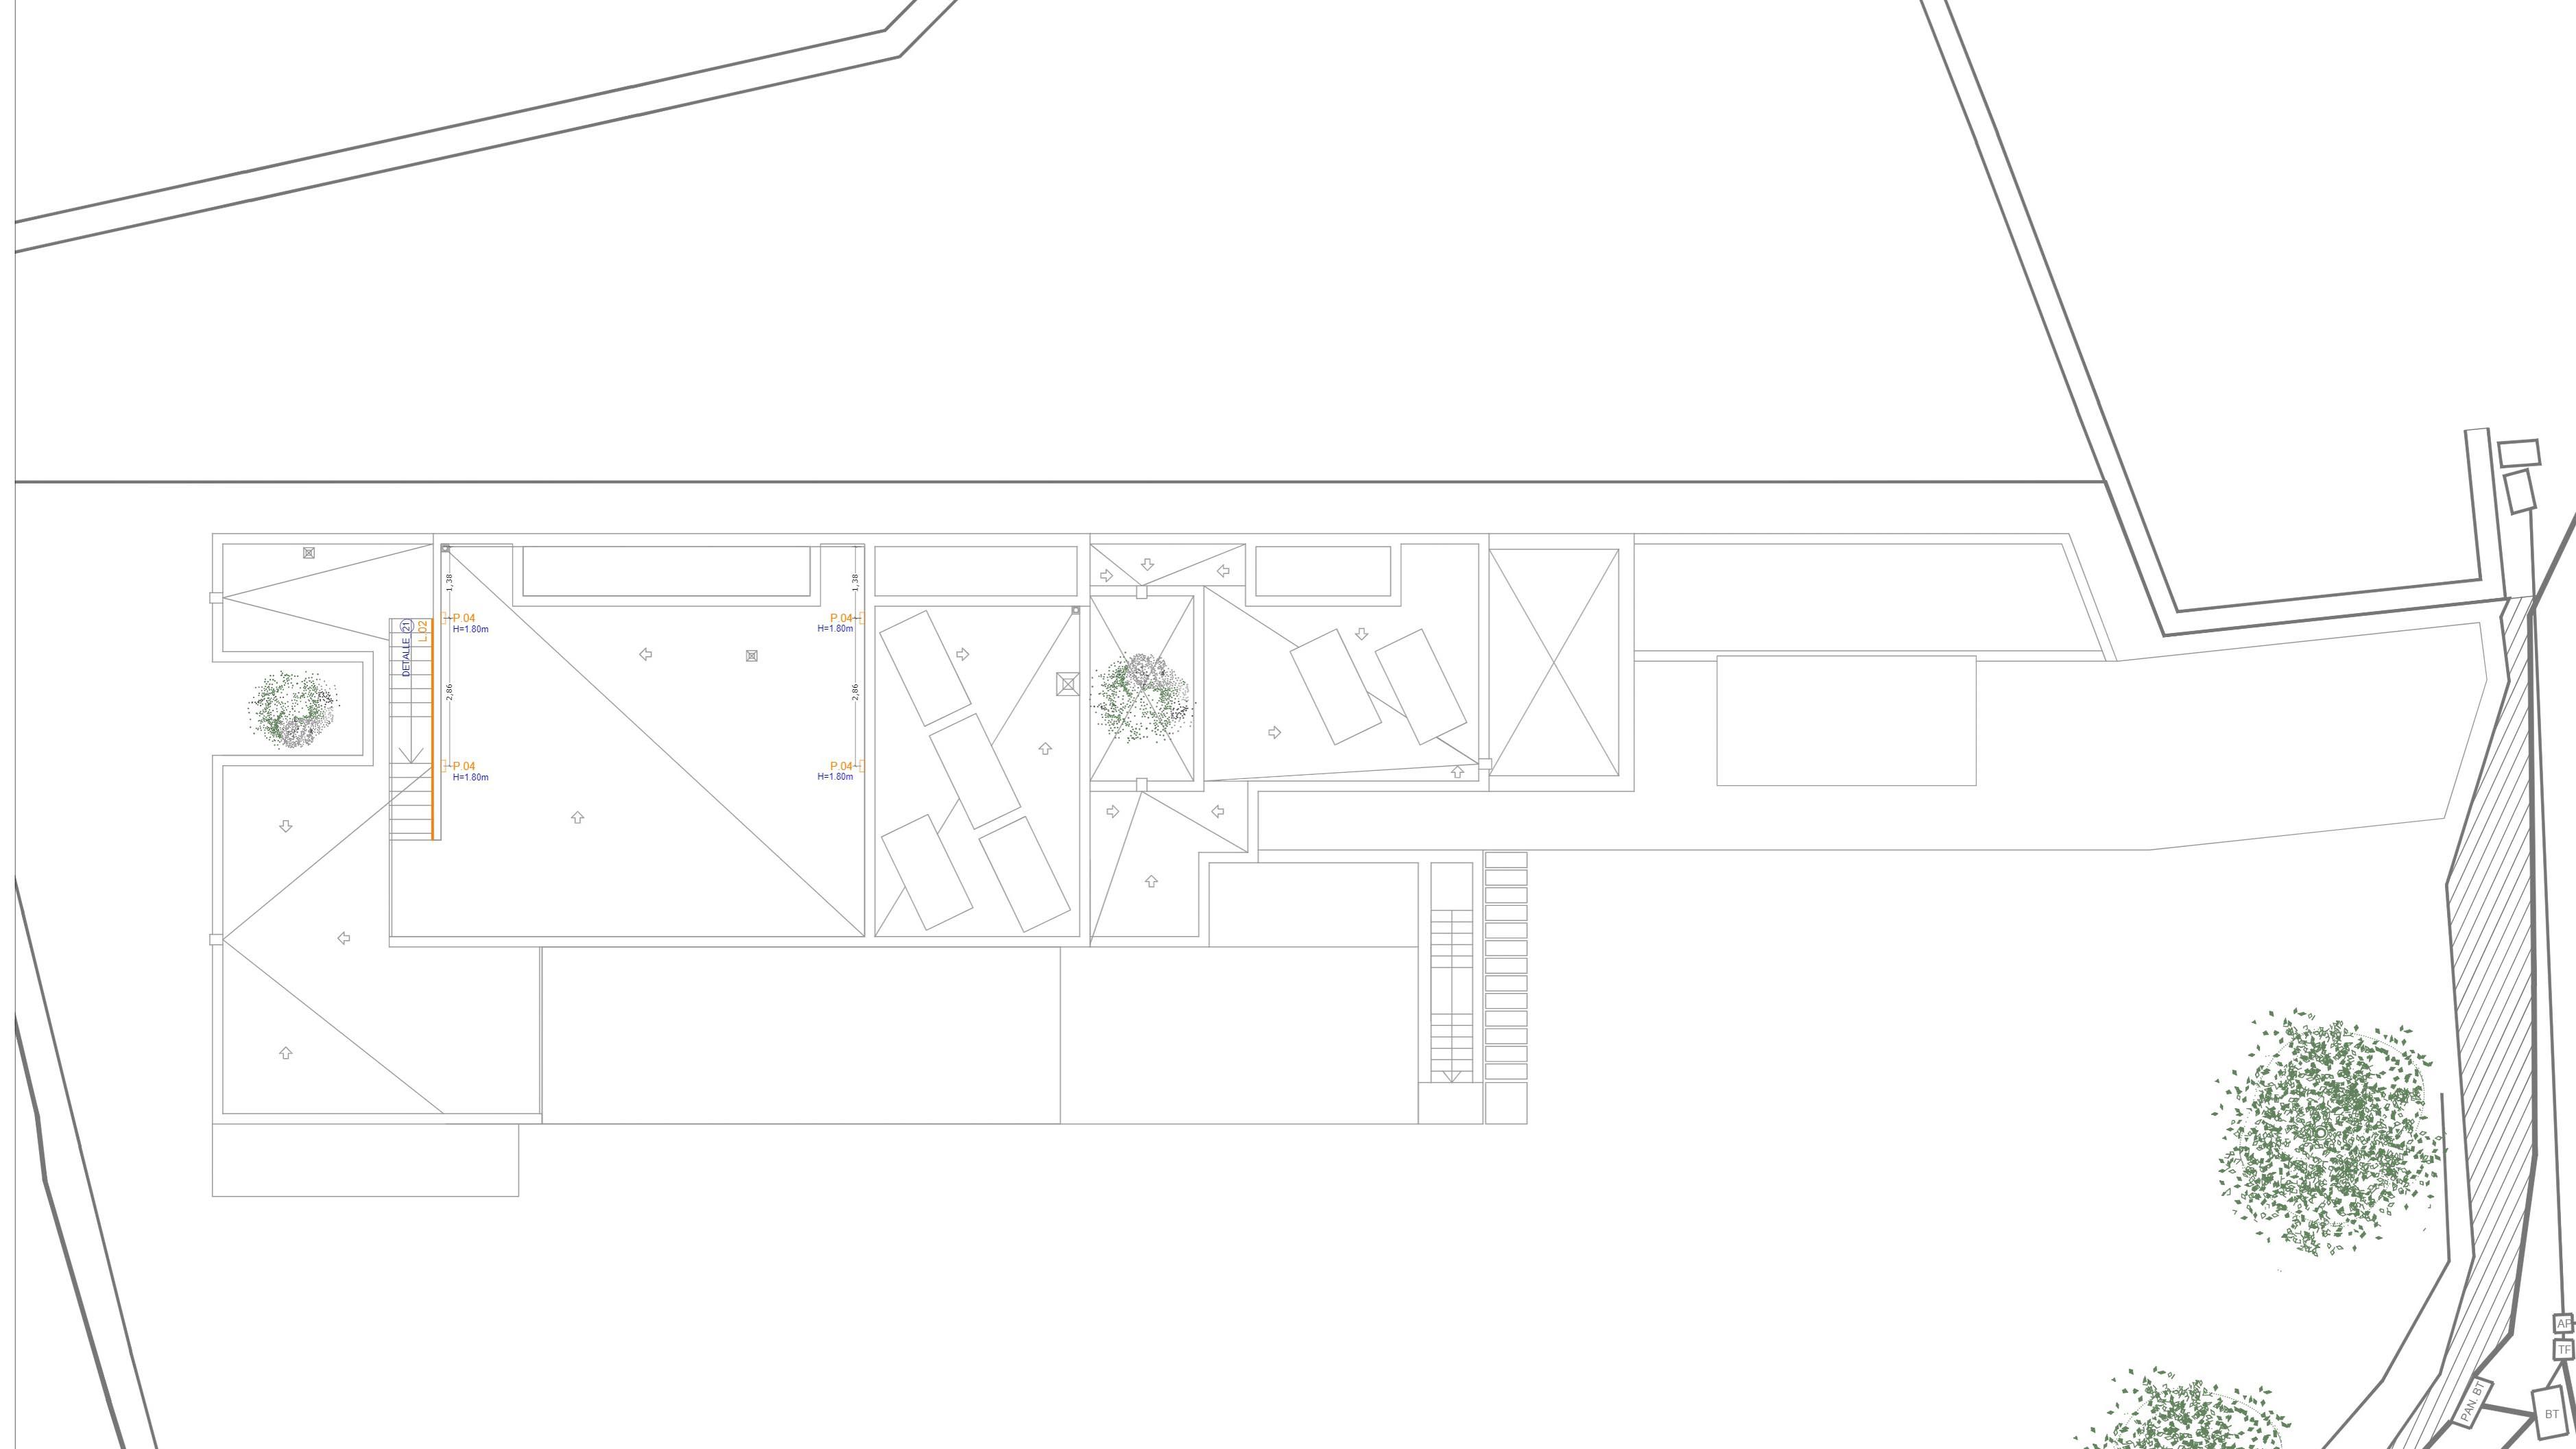 Plans MS 210312 003